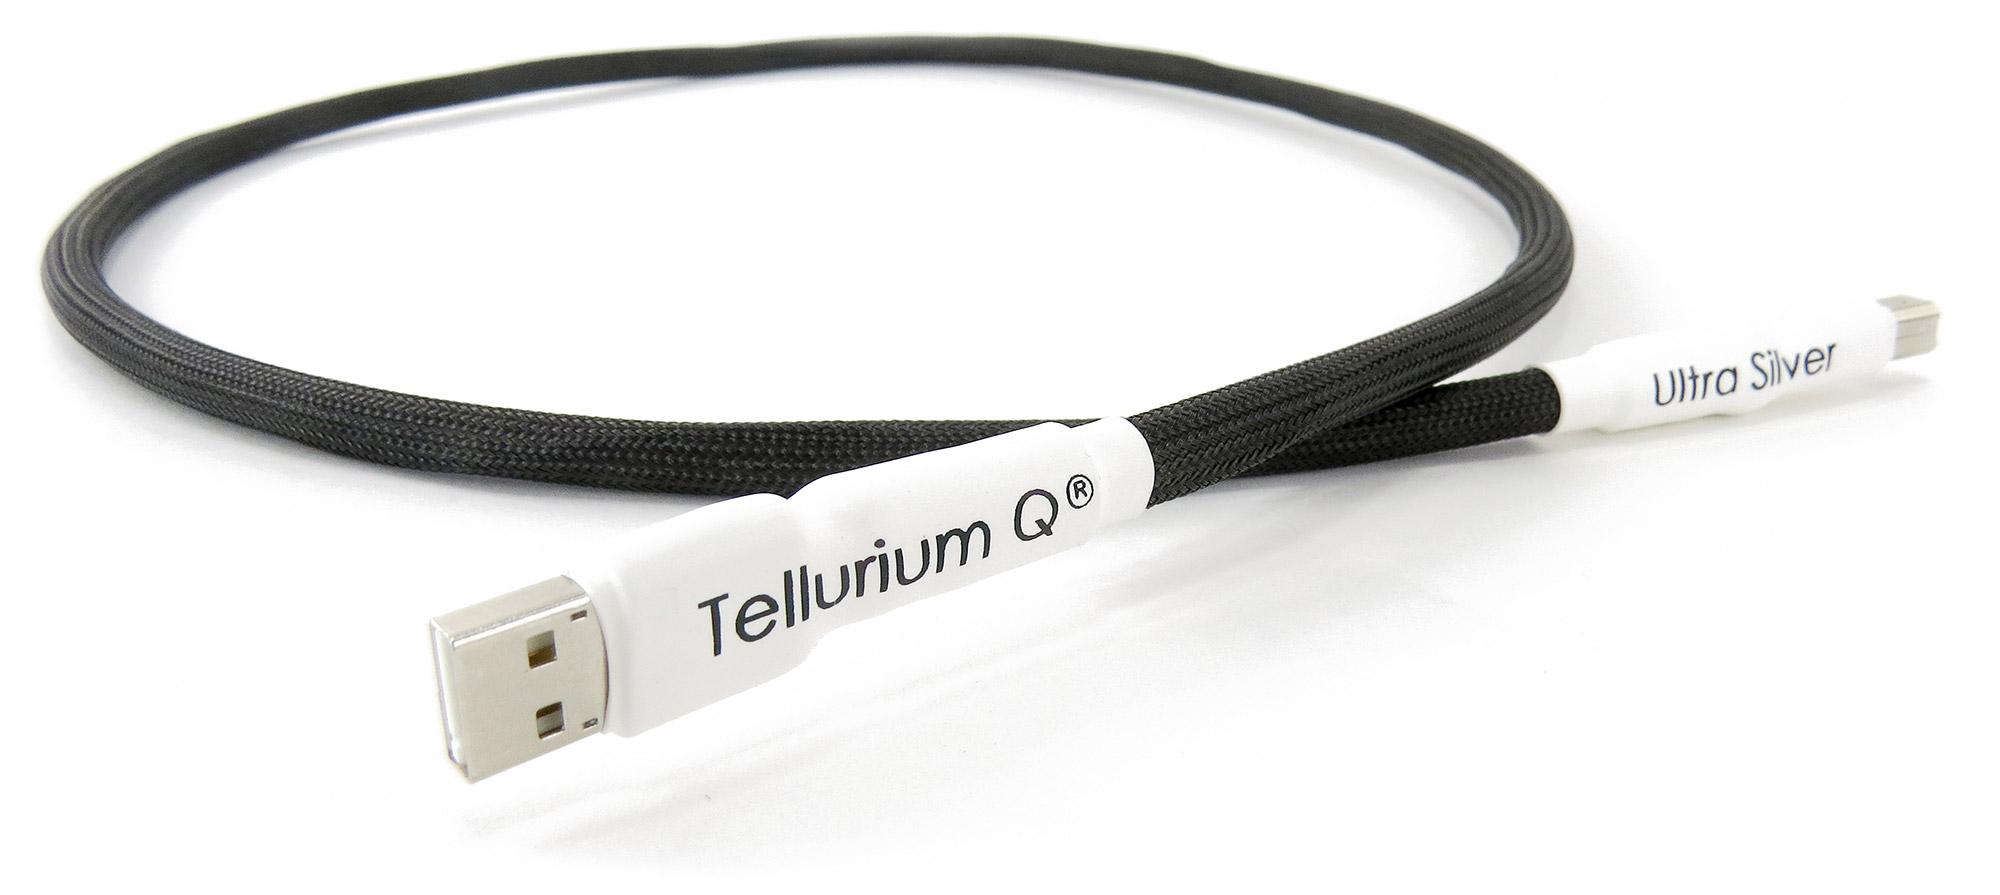 Ultra Silver USB-kaapeli